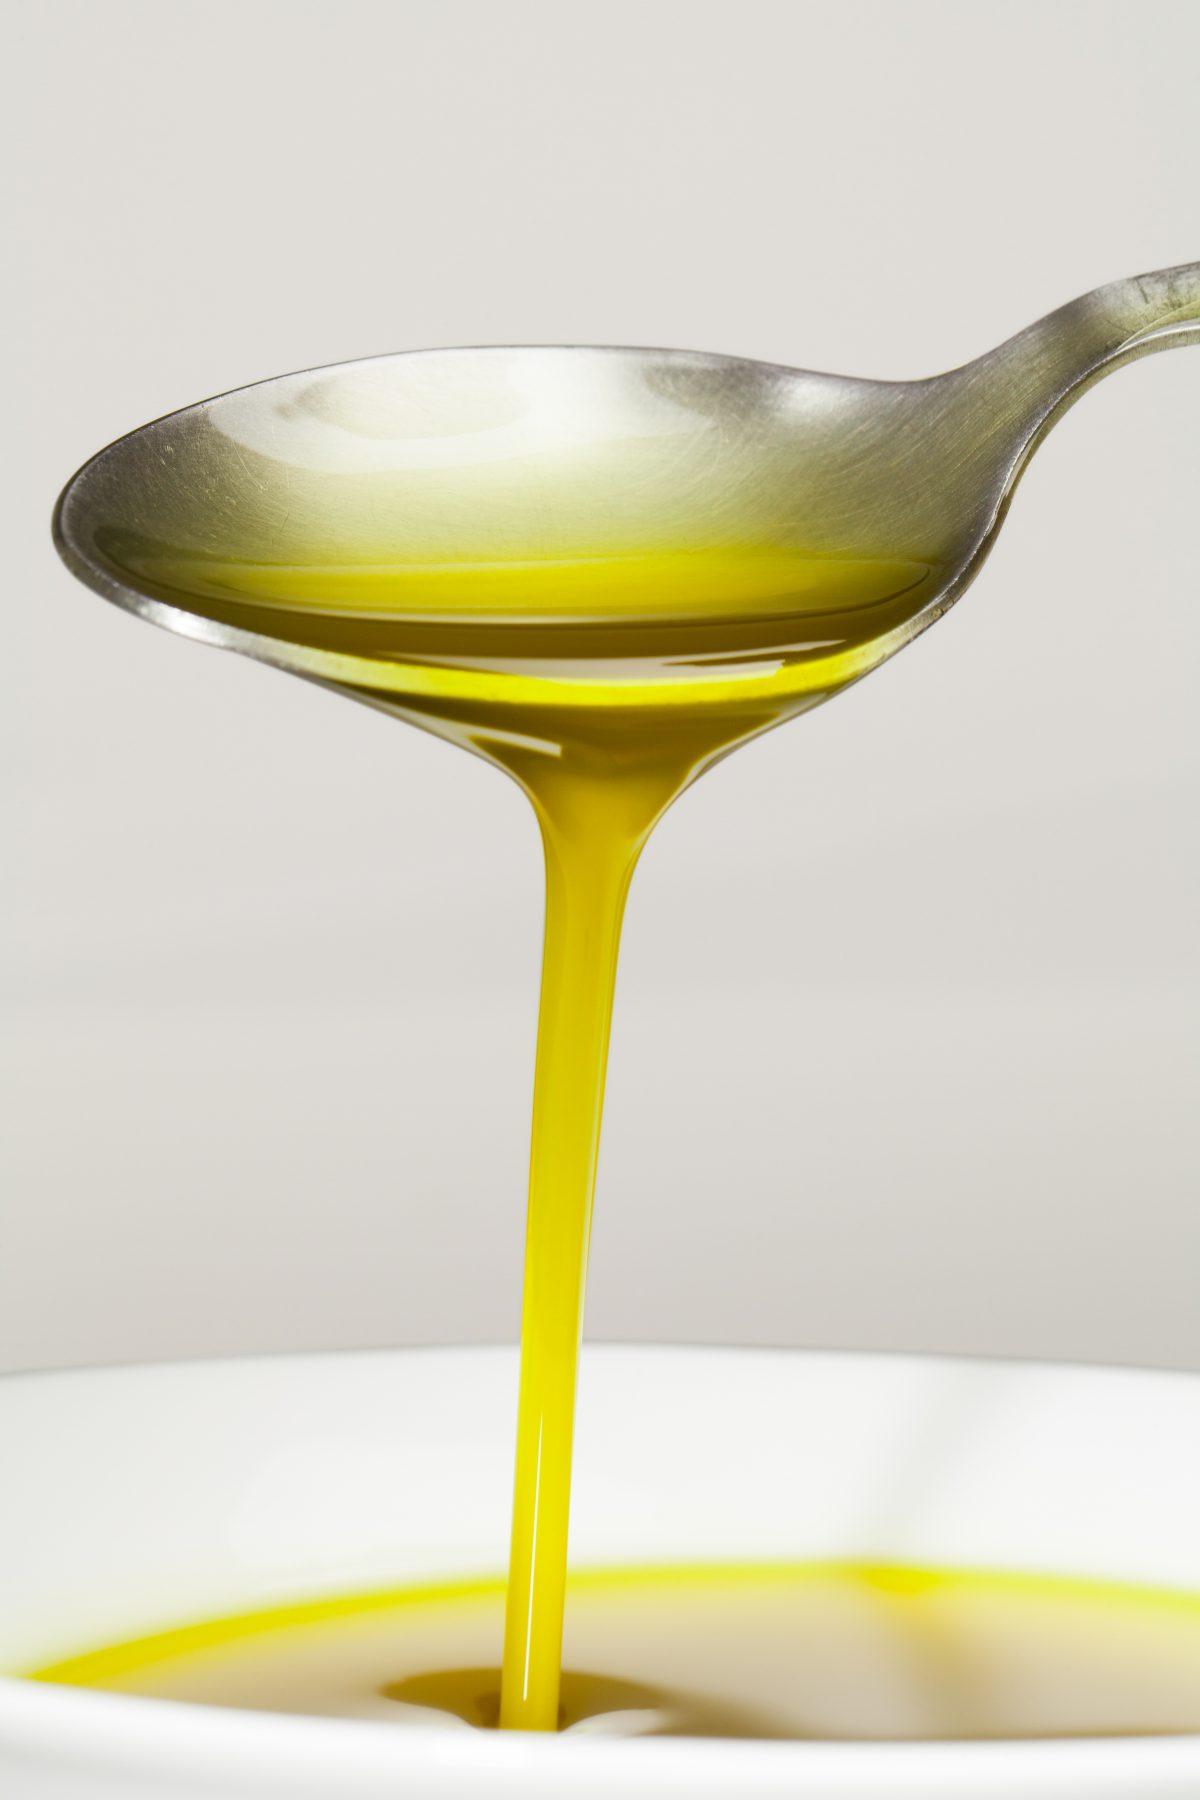 Beneficios de consumir aceite de oliva virgen extra en ayunas